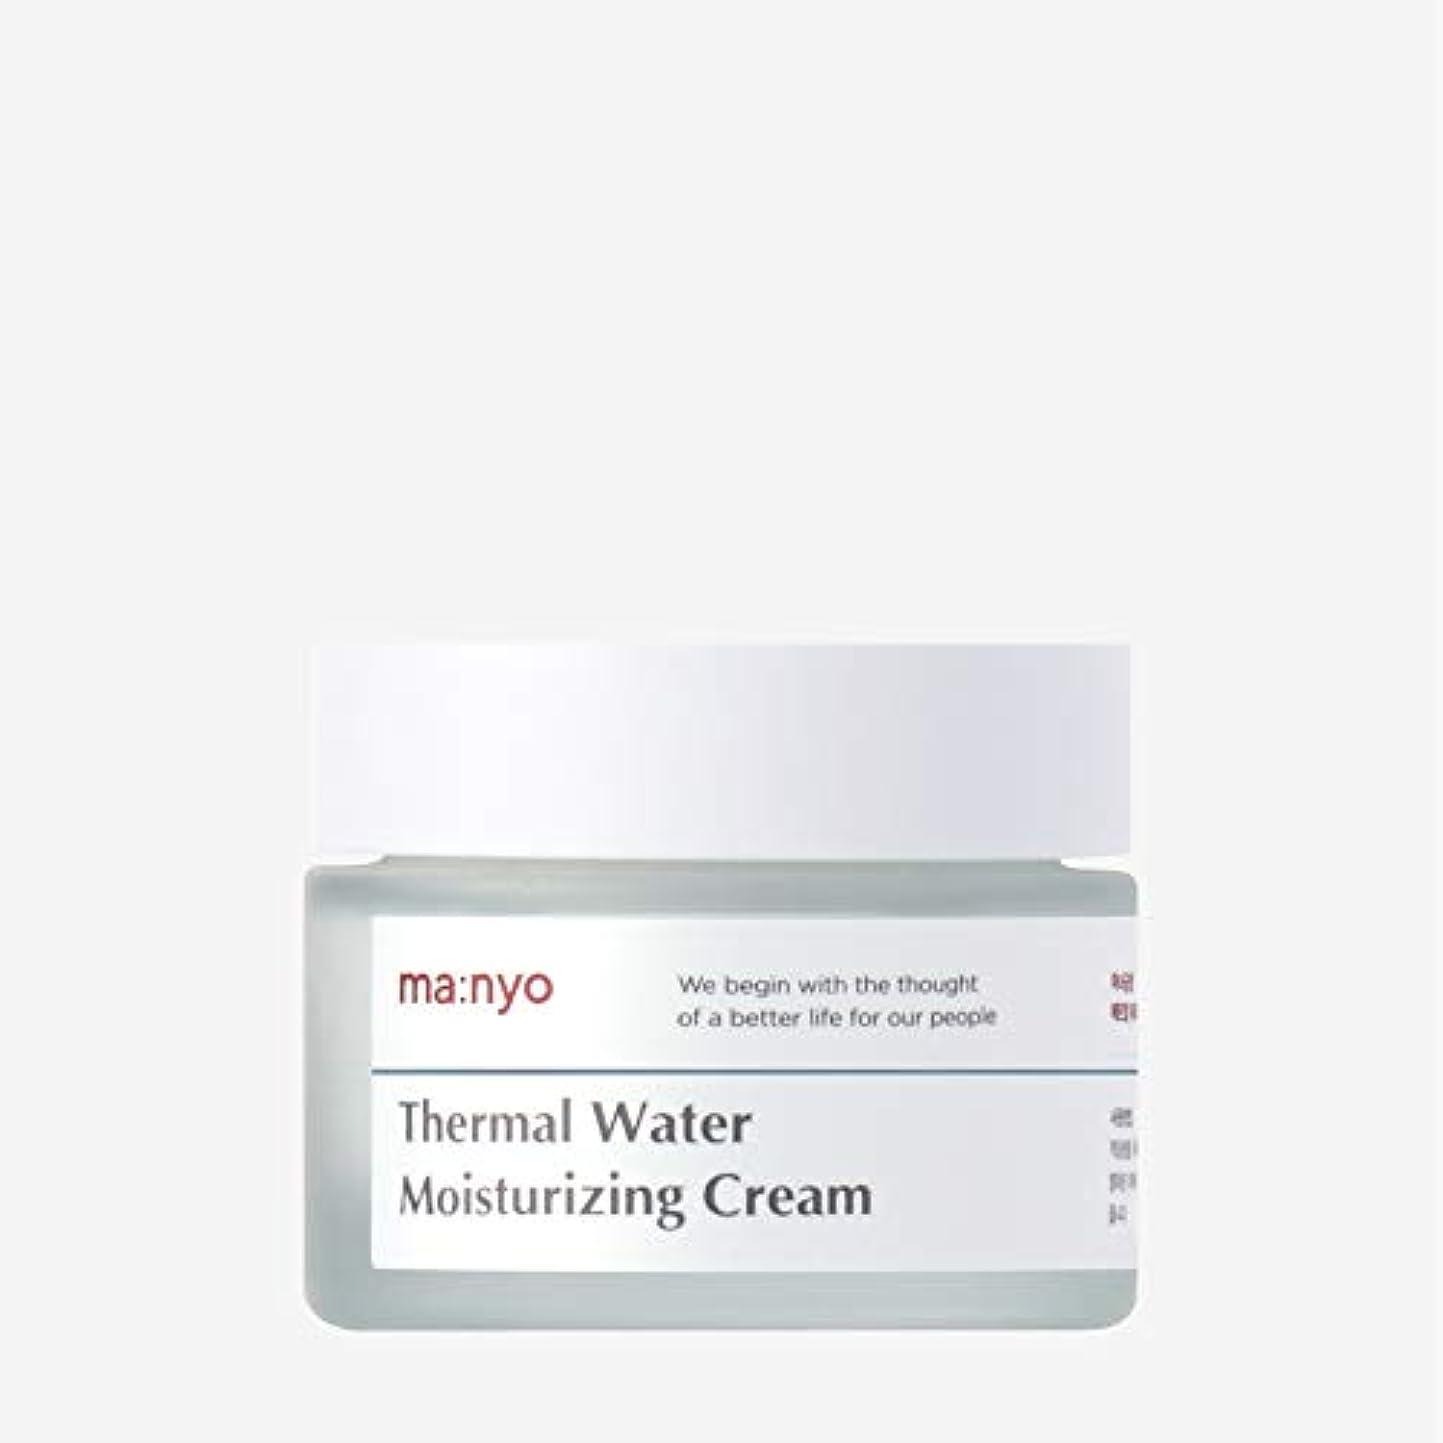 ツール意志に反する祝福魔女工場(Manyo Factory) 温泉水ミネラルクリーム 50ml / 天然ミネラル、チェコ温泉水67%で保湿補充